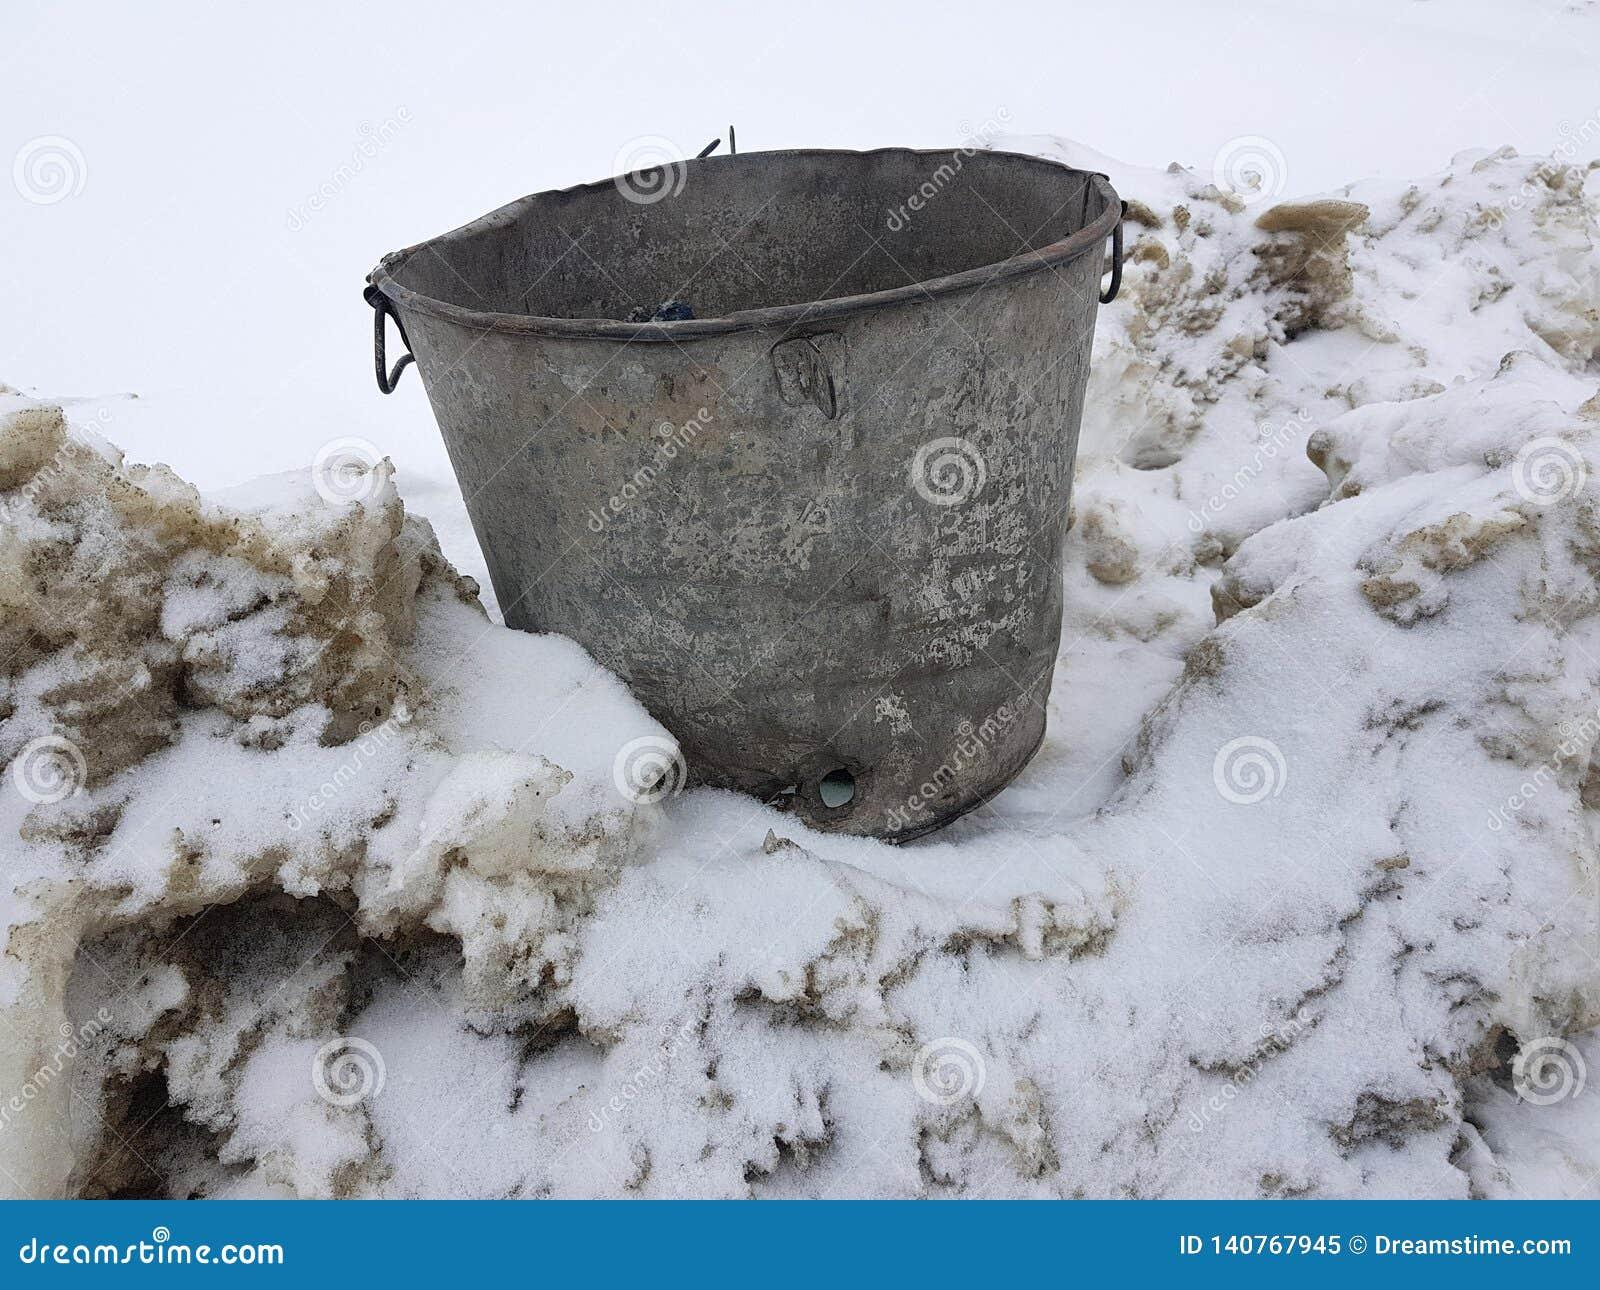 Mooie uitstekende vuilnisbak op sneeuw